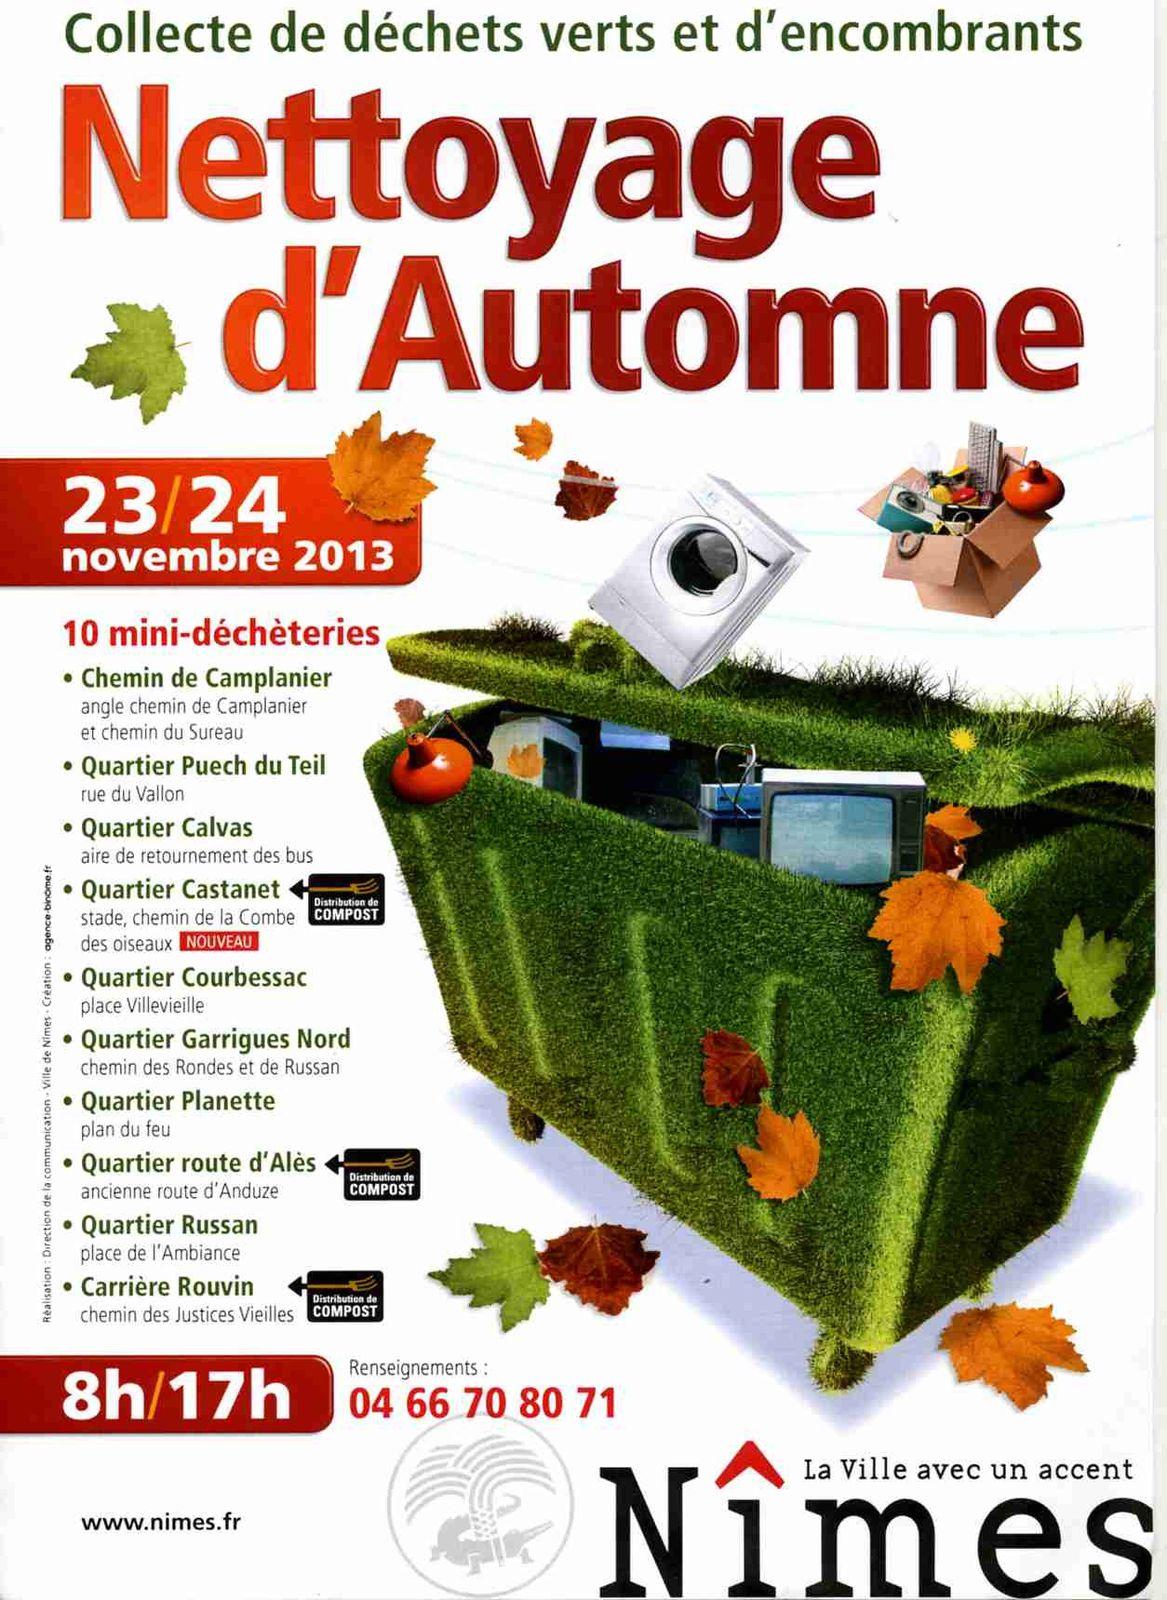 Nettoyage d'Automne à Nîmes 23 et 24 novembre 2013